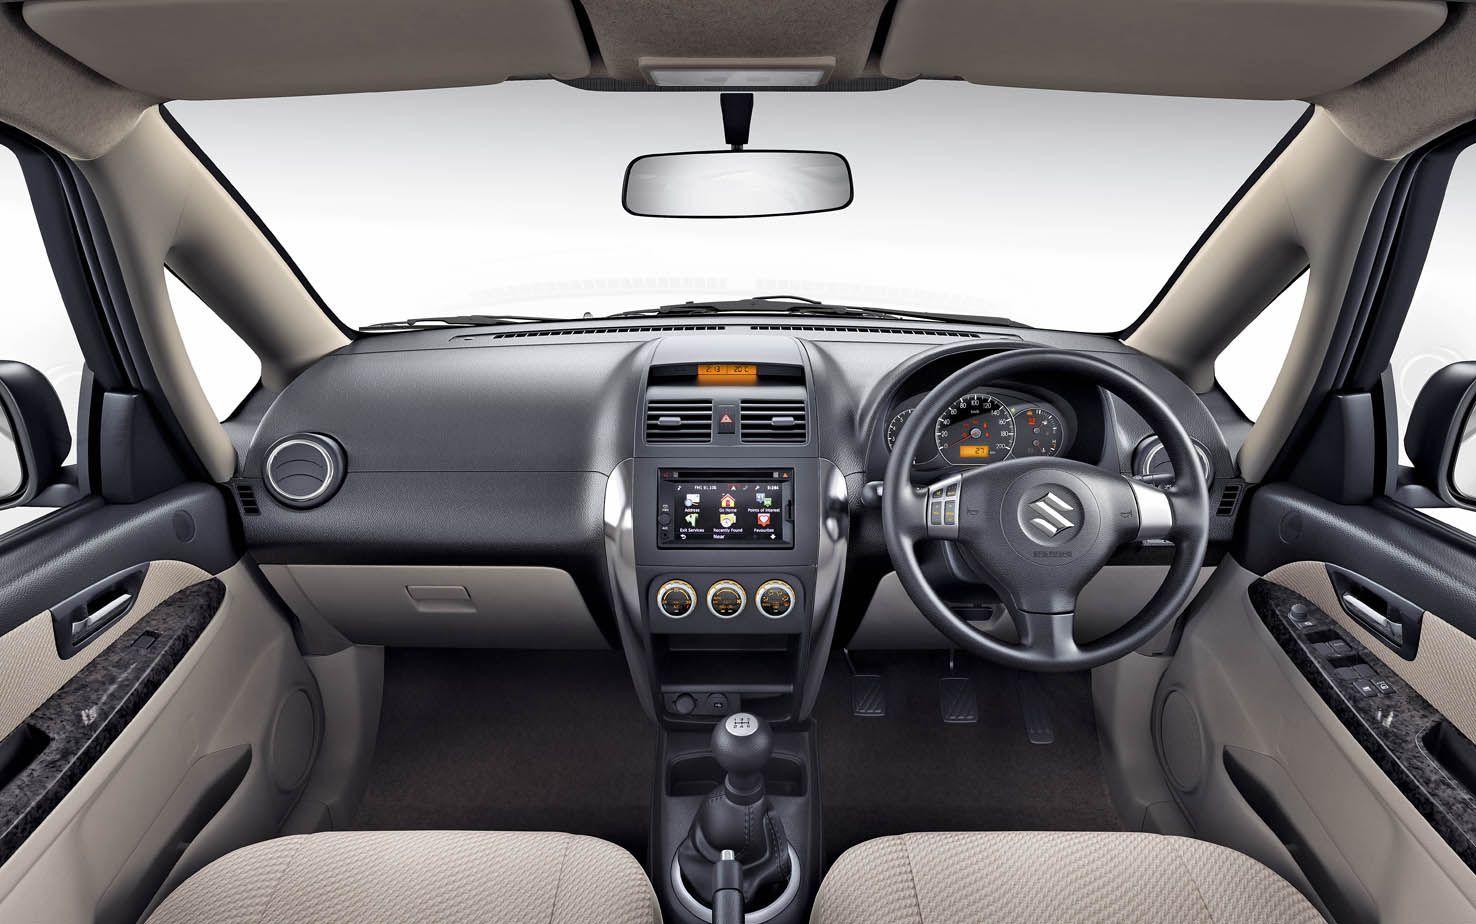 Exterior Accessories 2019 Fashion 2pcs For Car Seat Belt Clip Extender For Suzuki Sx4 Swift Alto Grand Vitara Jimny S-cross Auto Accessories